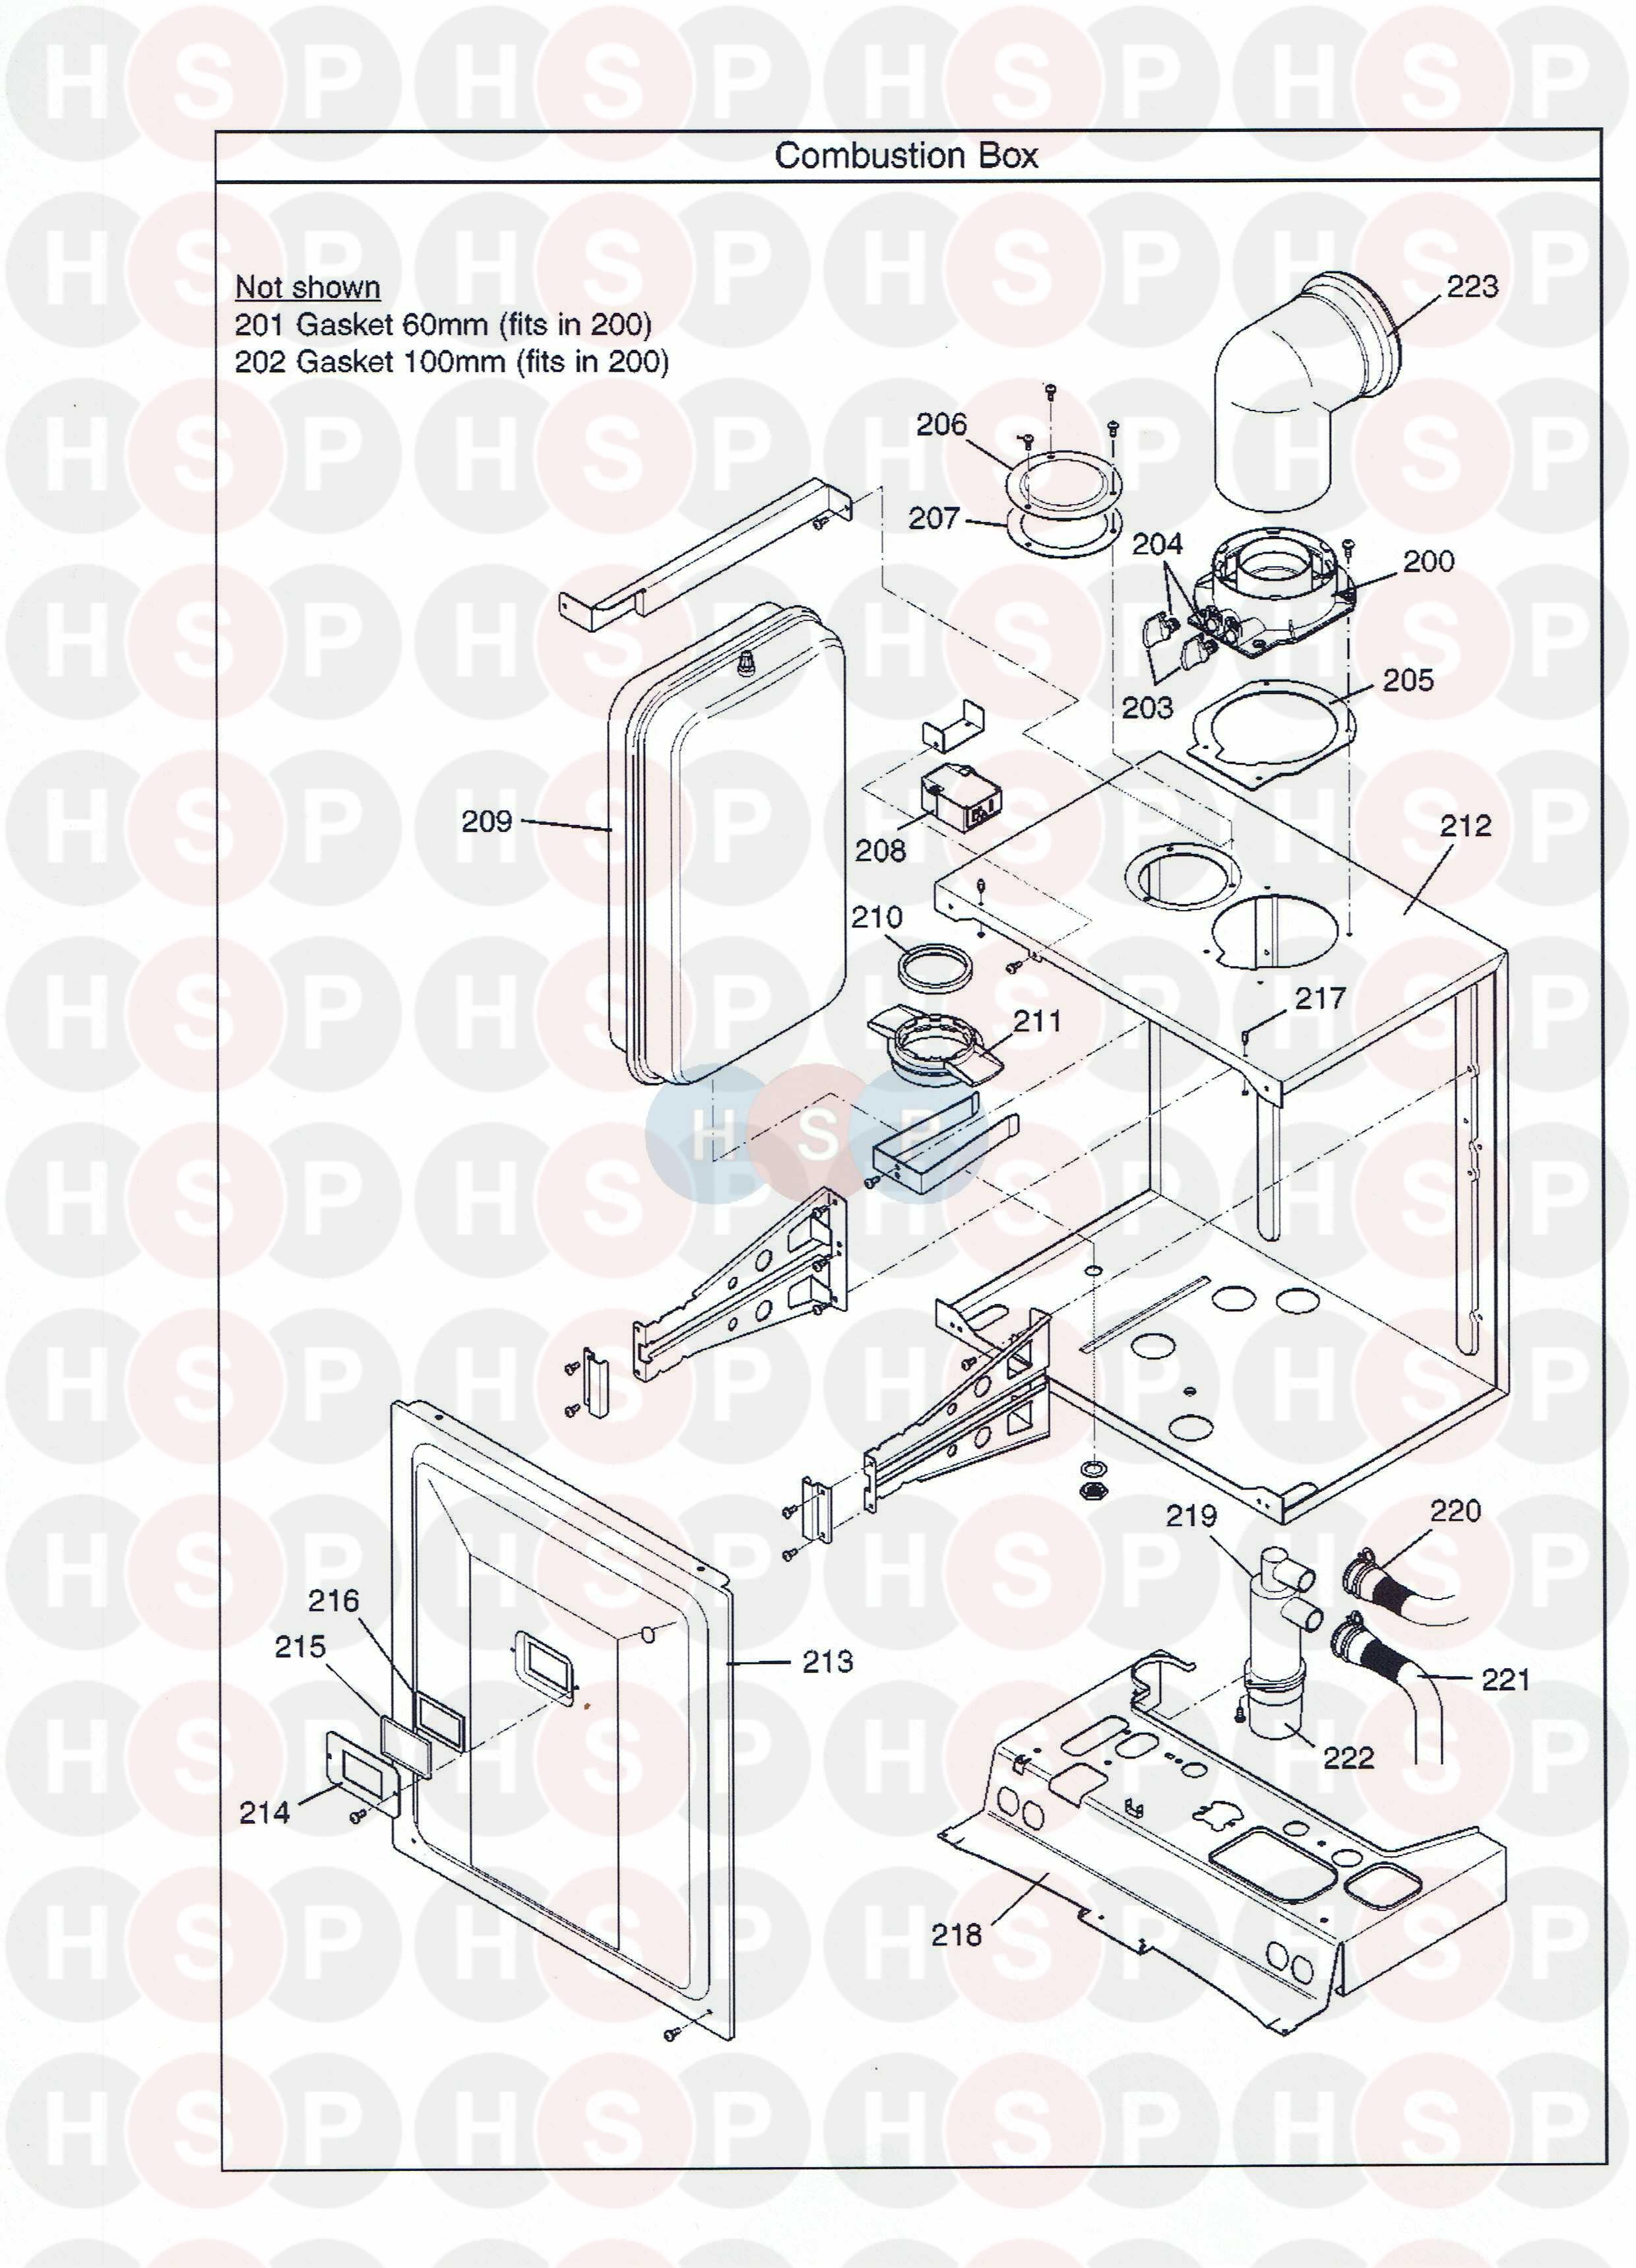 Potterton GOLD 33 HE COMBI Appliance Diagram (Combustion